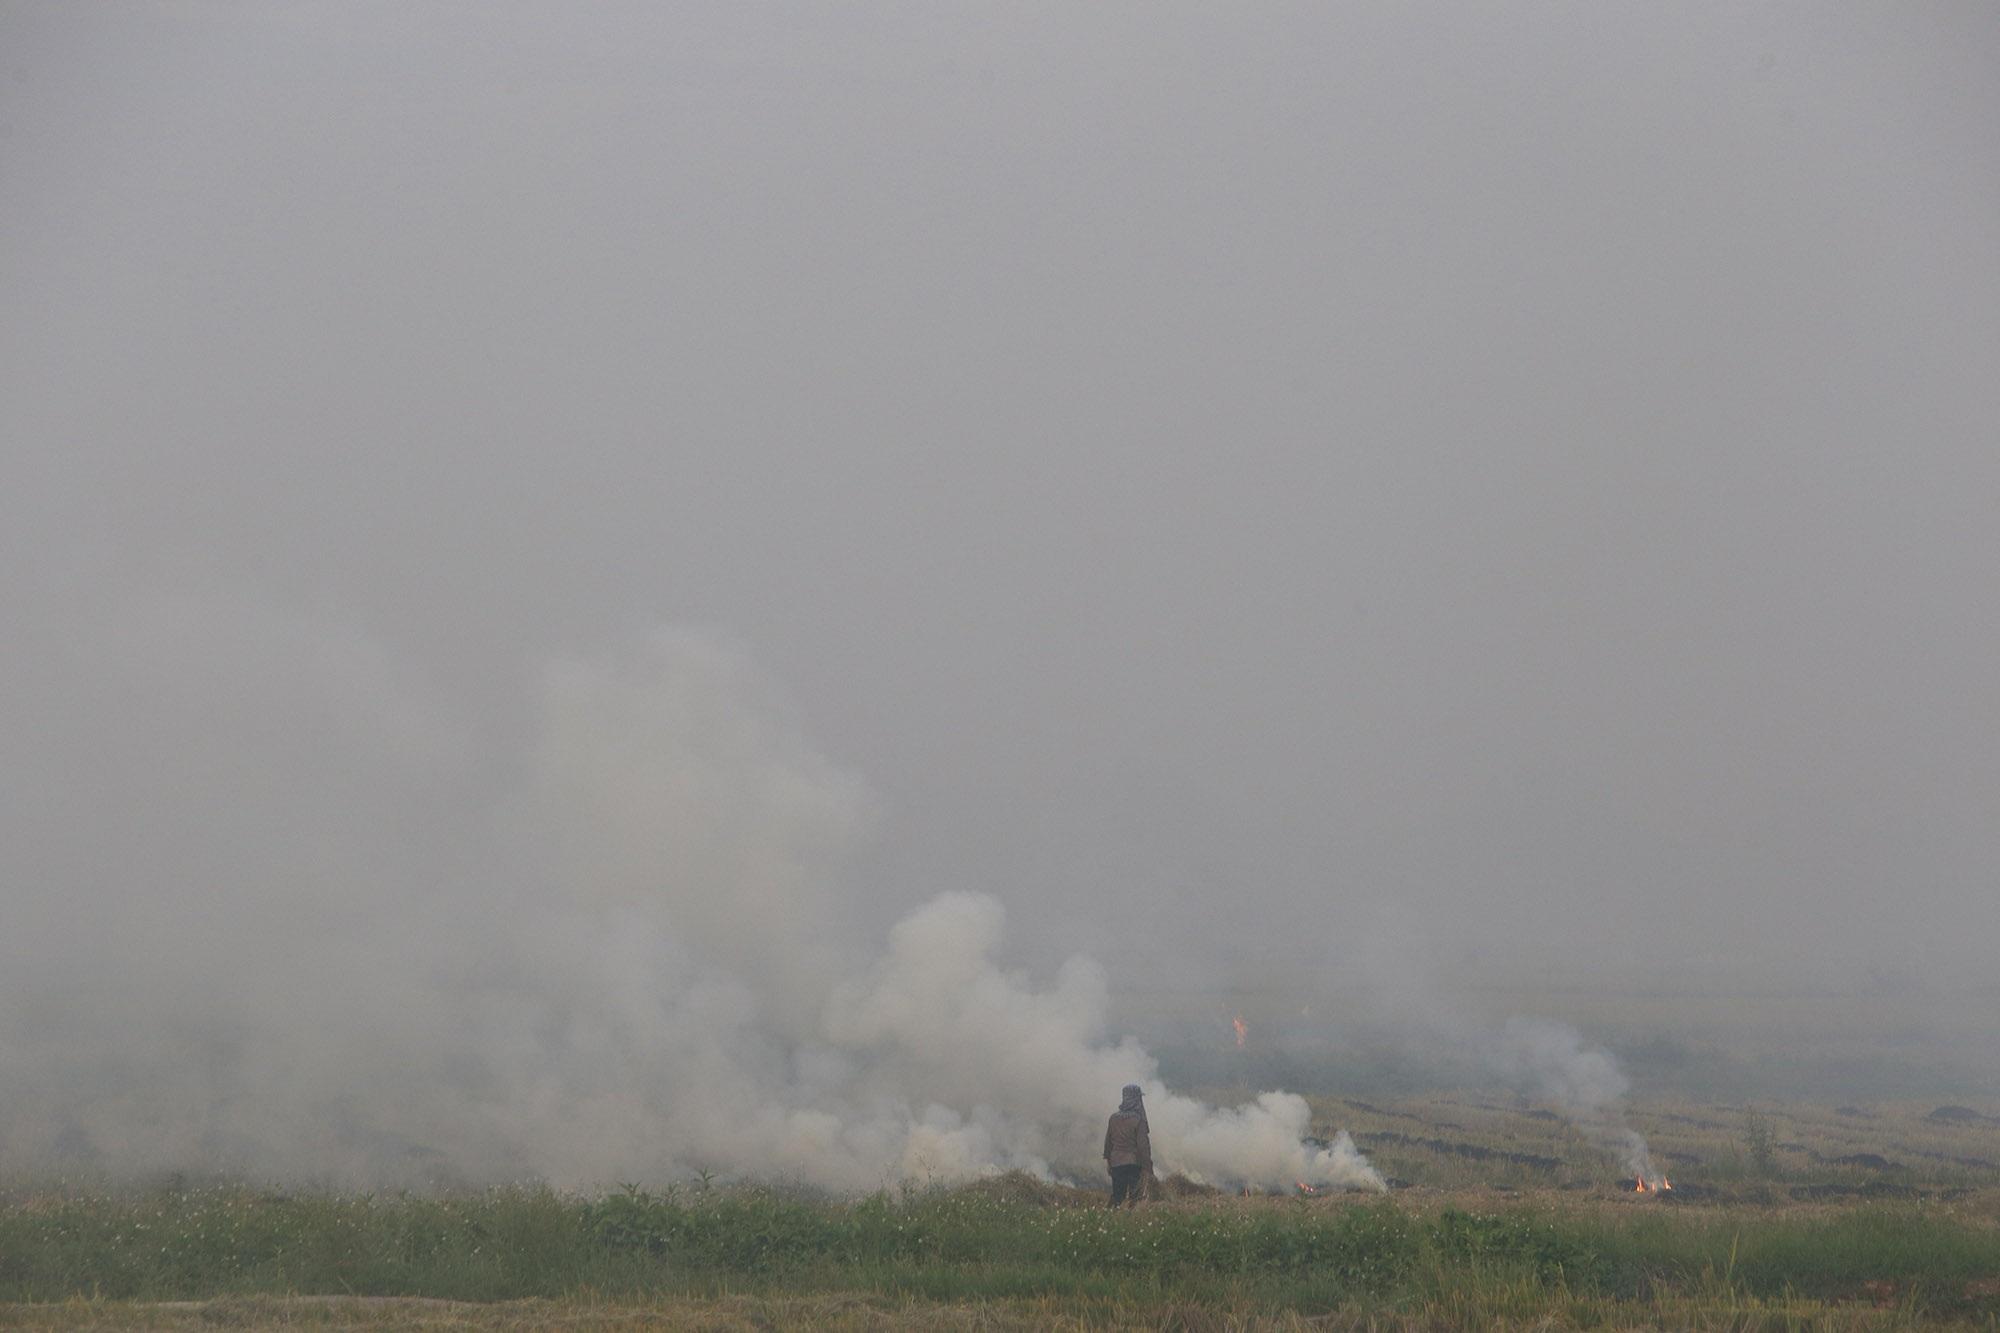 Cảnh khói trắng đặc quánh bao phủ cửa ngõ Hà Nội - 1